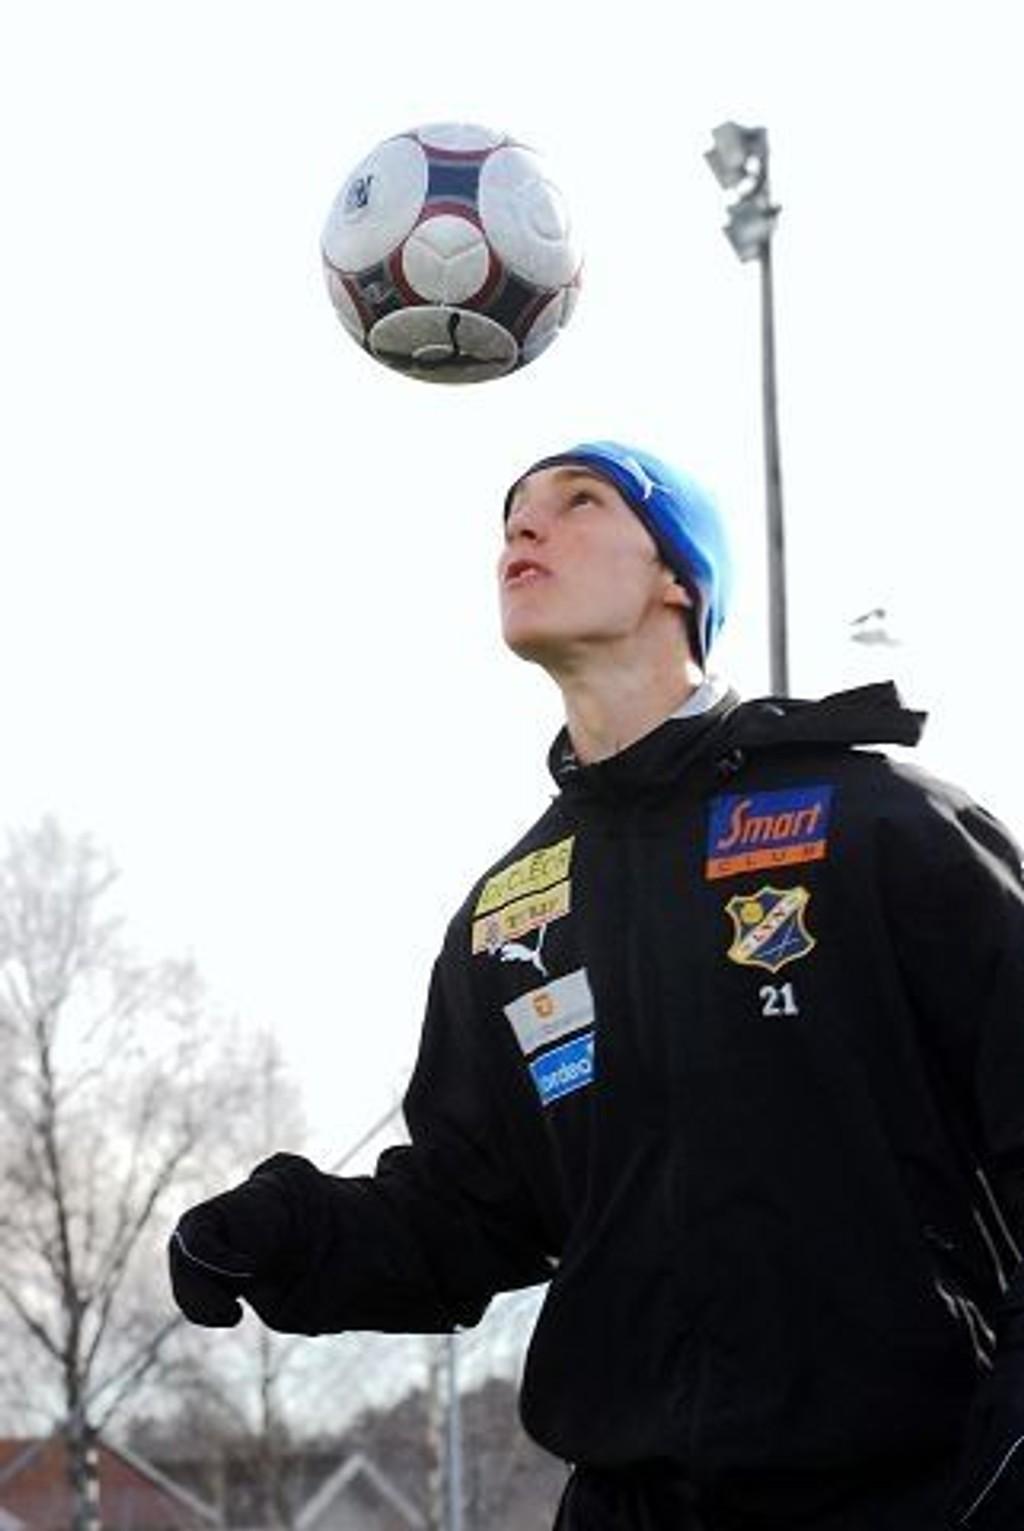 Midststopperen debuterte på toppnivå med favorittlaget Lyn i fjor. Arkivfoto: Are Kolstad